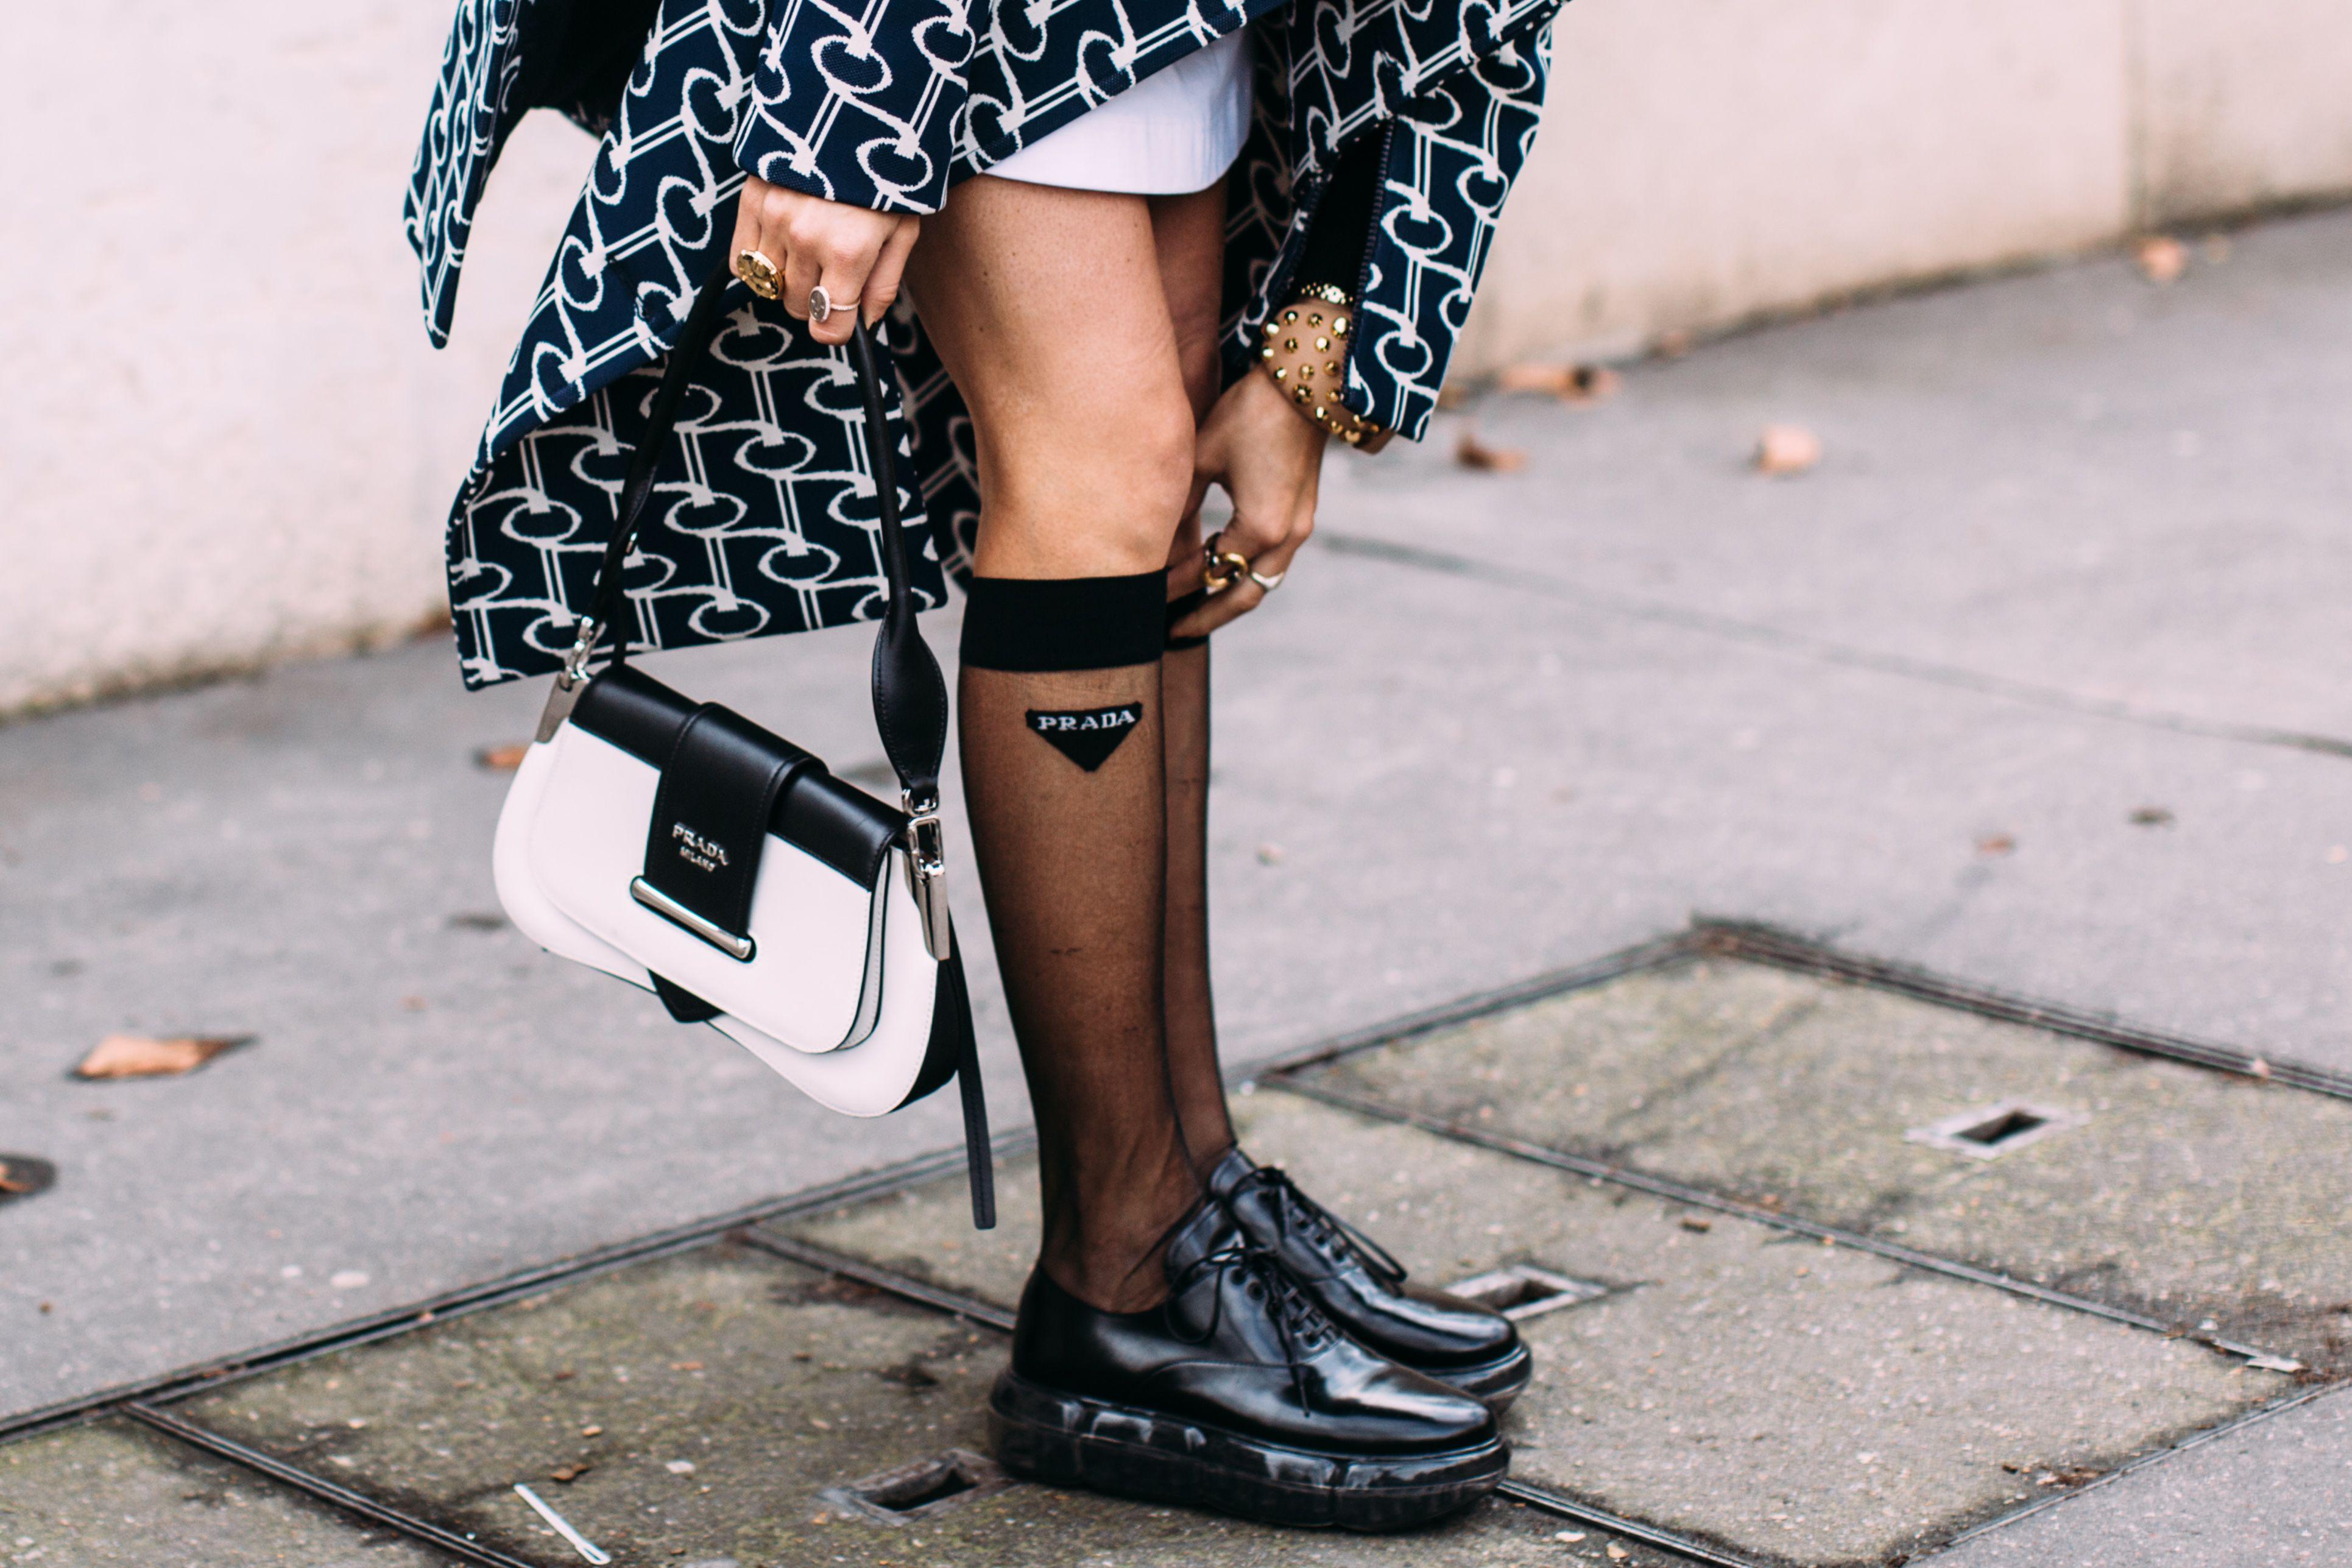 scarpe originali foto ufficiali prodotti di qualità Come mettere i collant in estate secondo il galateo